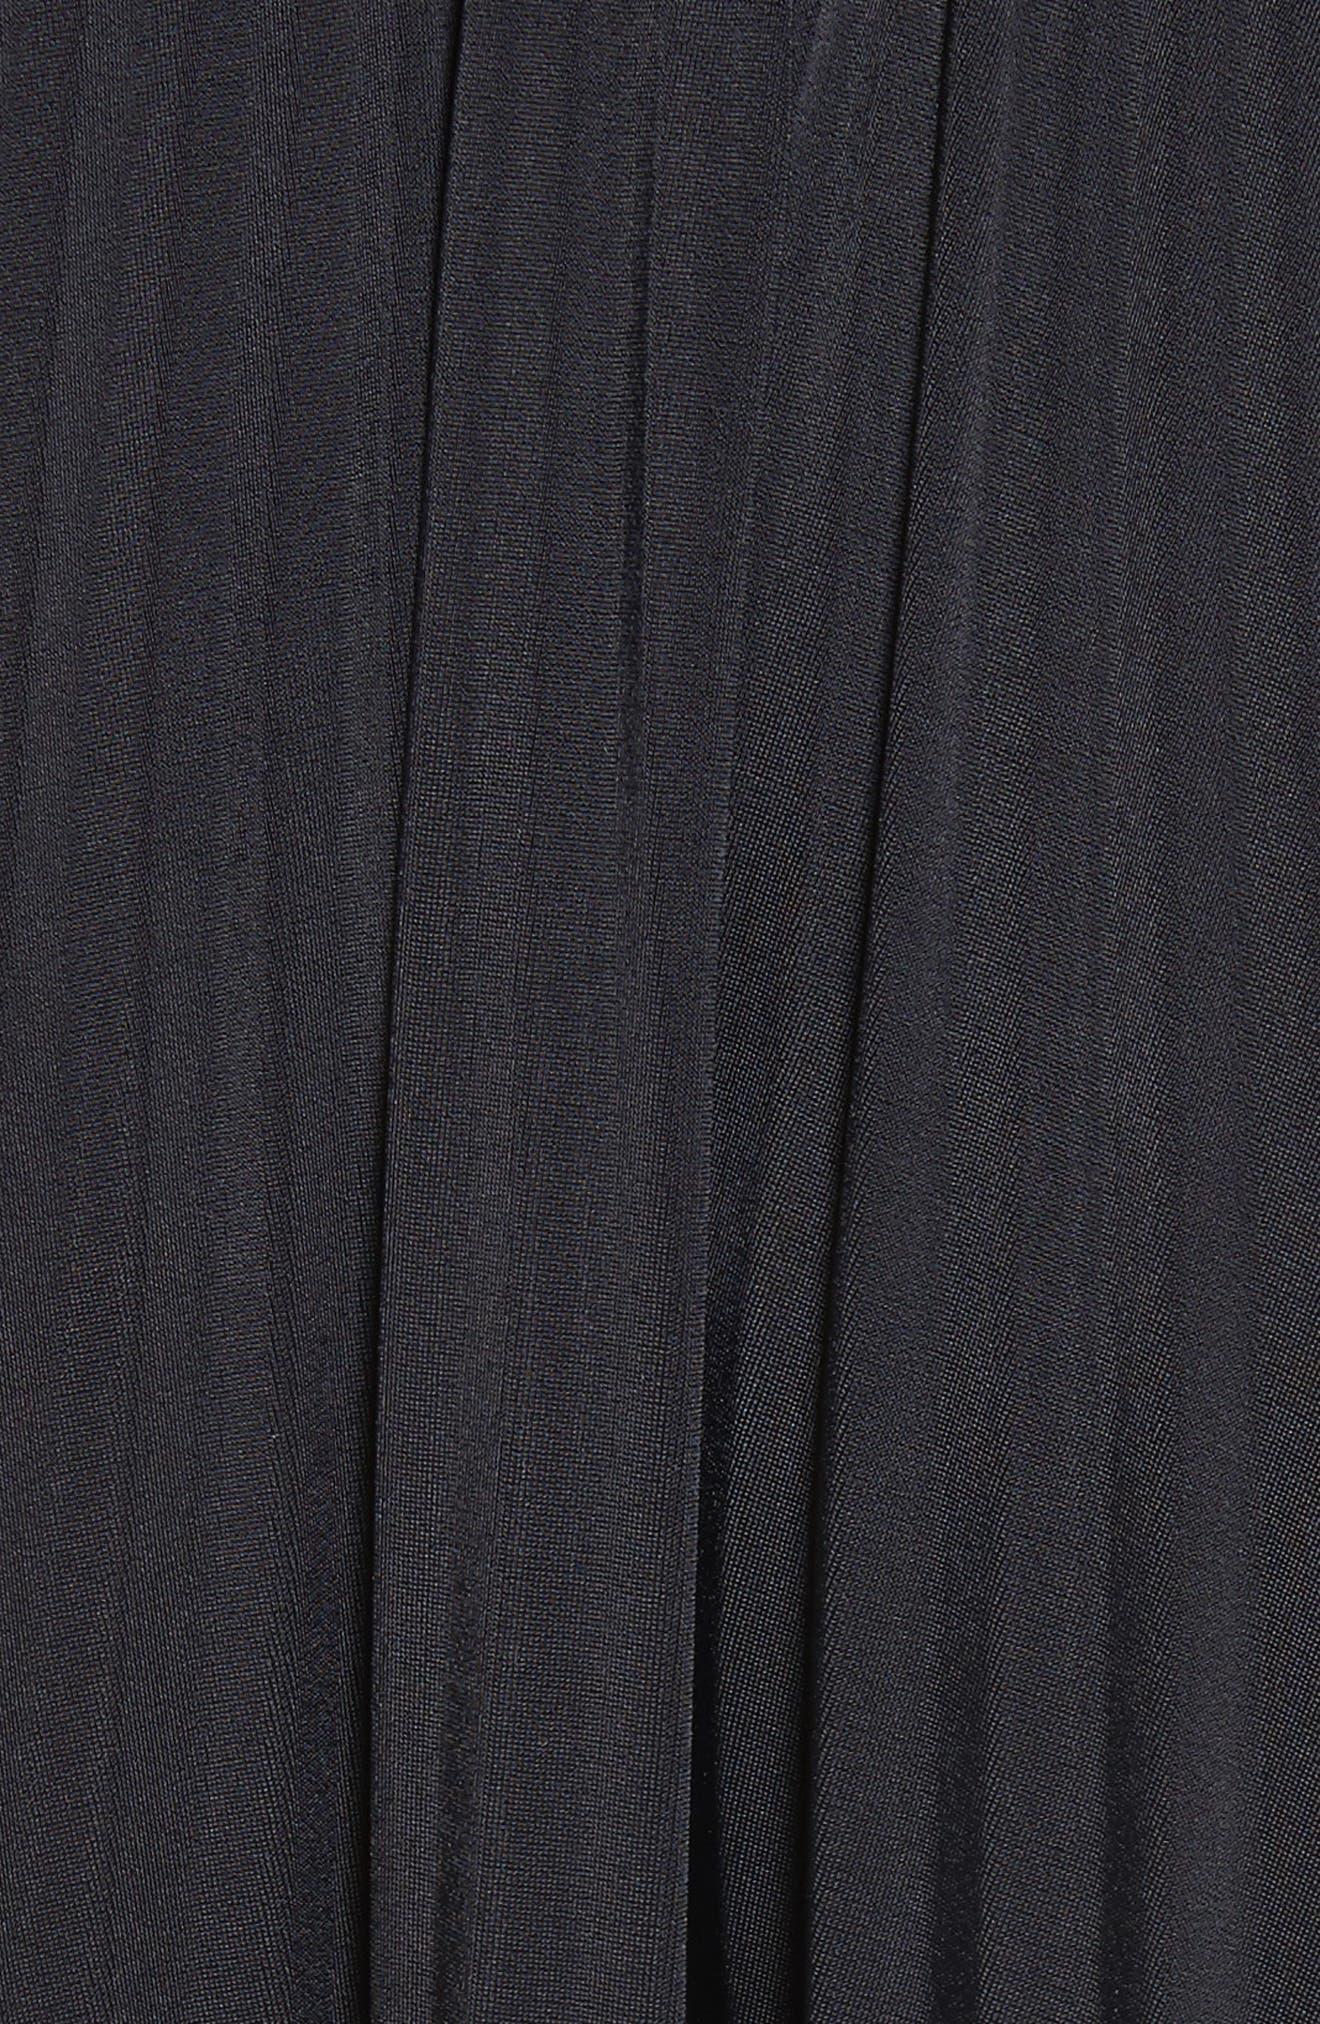 Bicolor Jersey & Lace Plissé Skirt,                             Alternate thumbnail 5, color,                             001